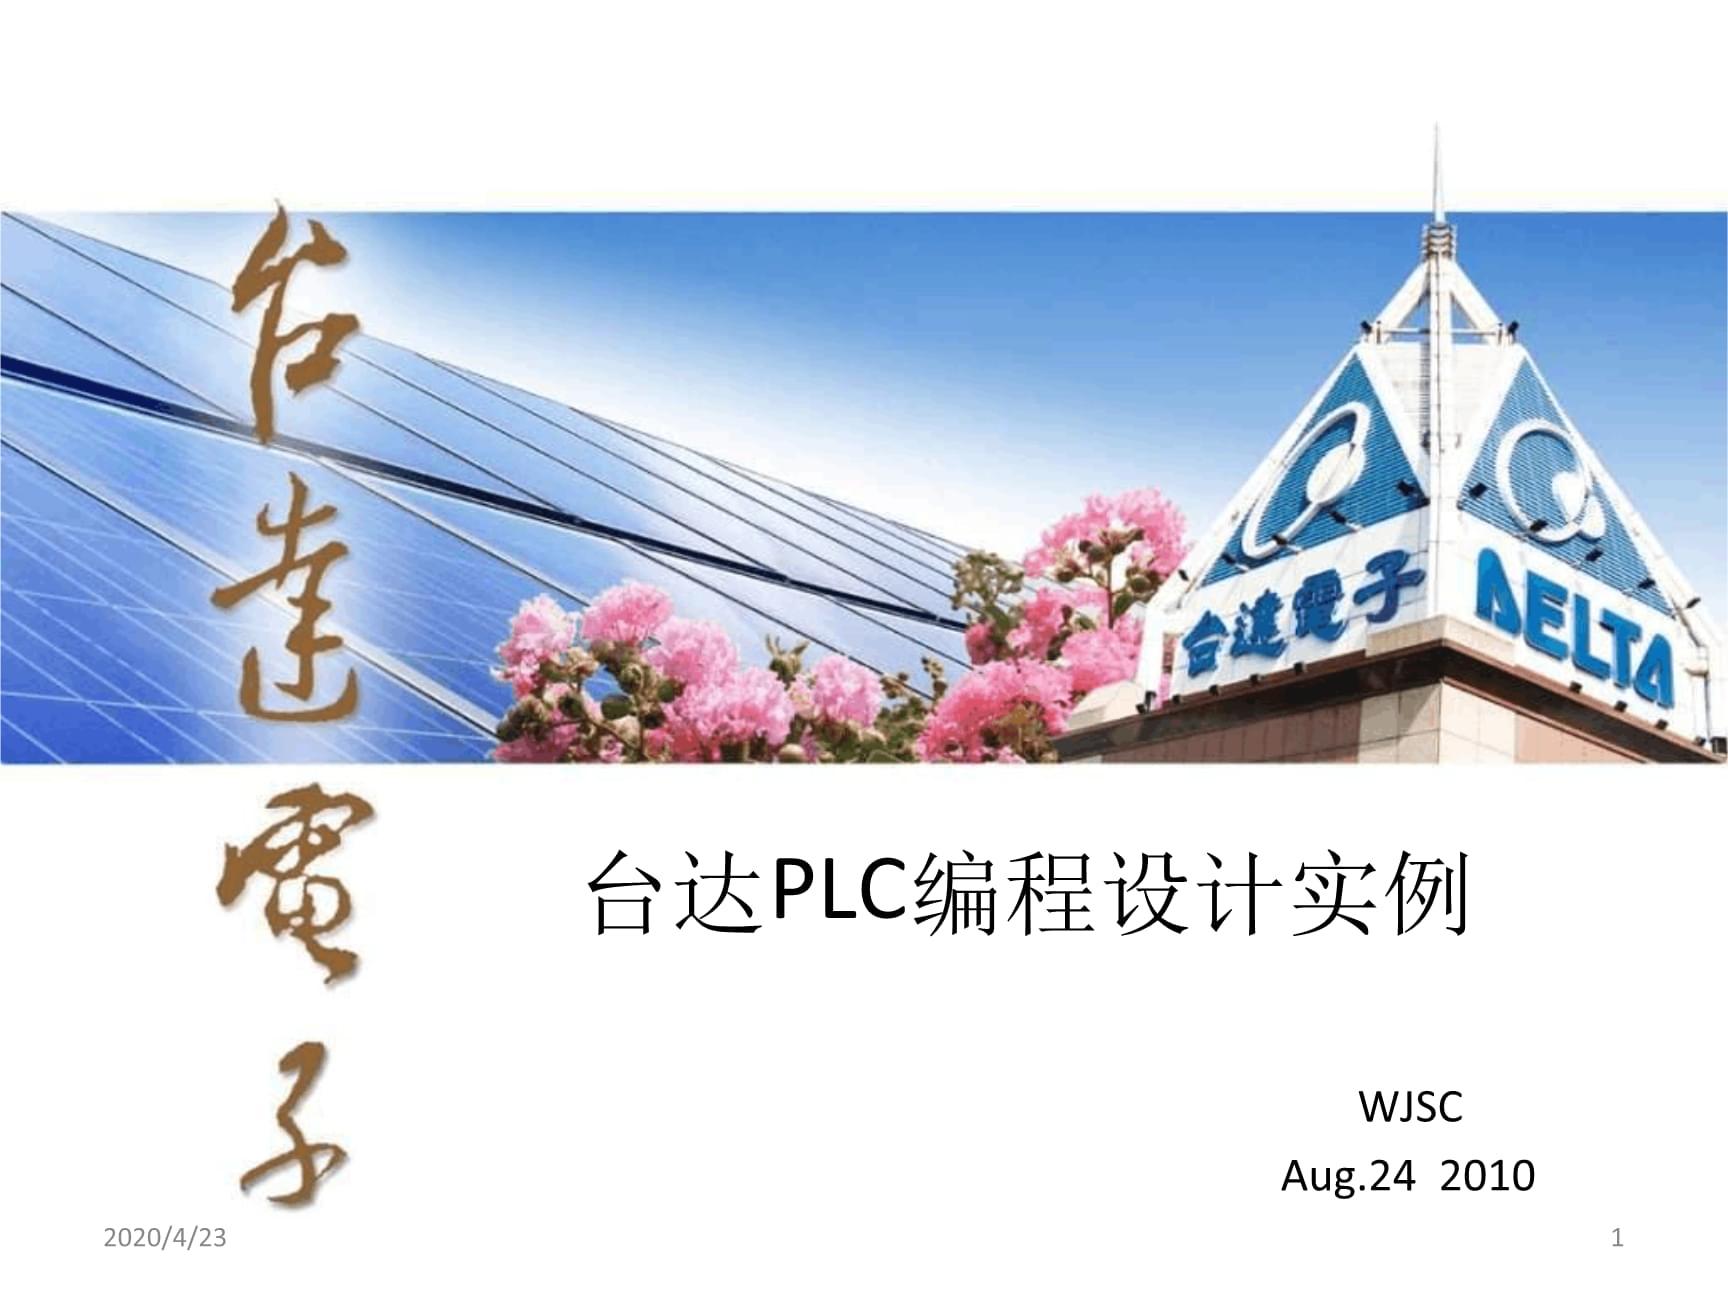 台达PLC编程设计实例演示幻灯片.ppt